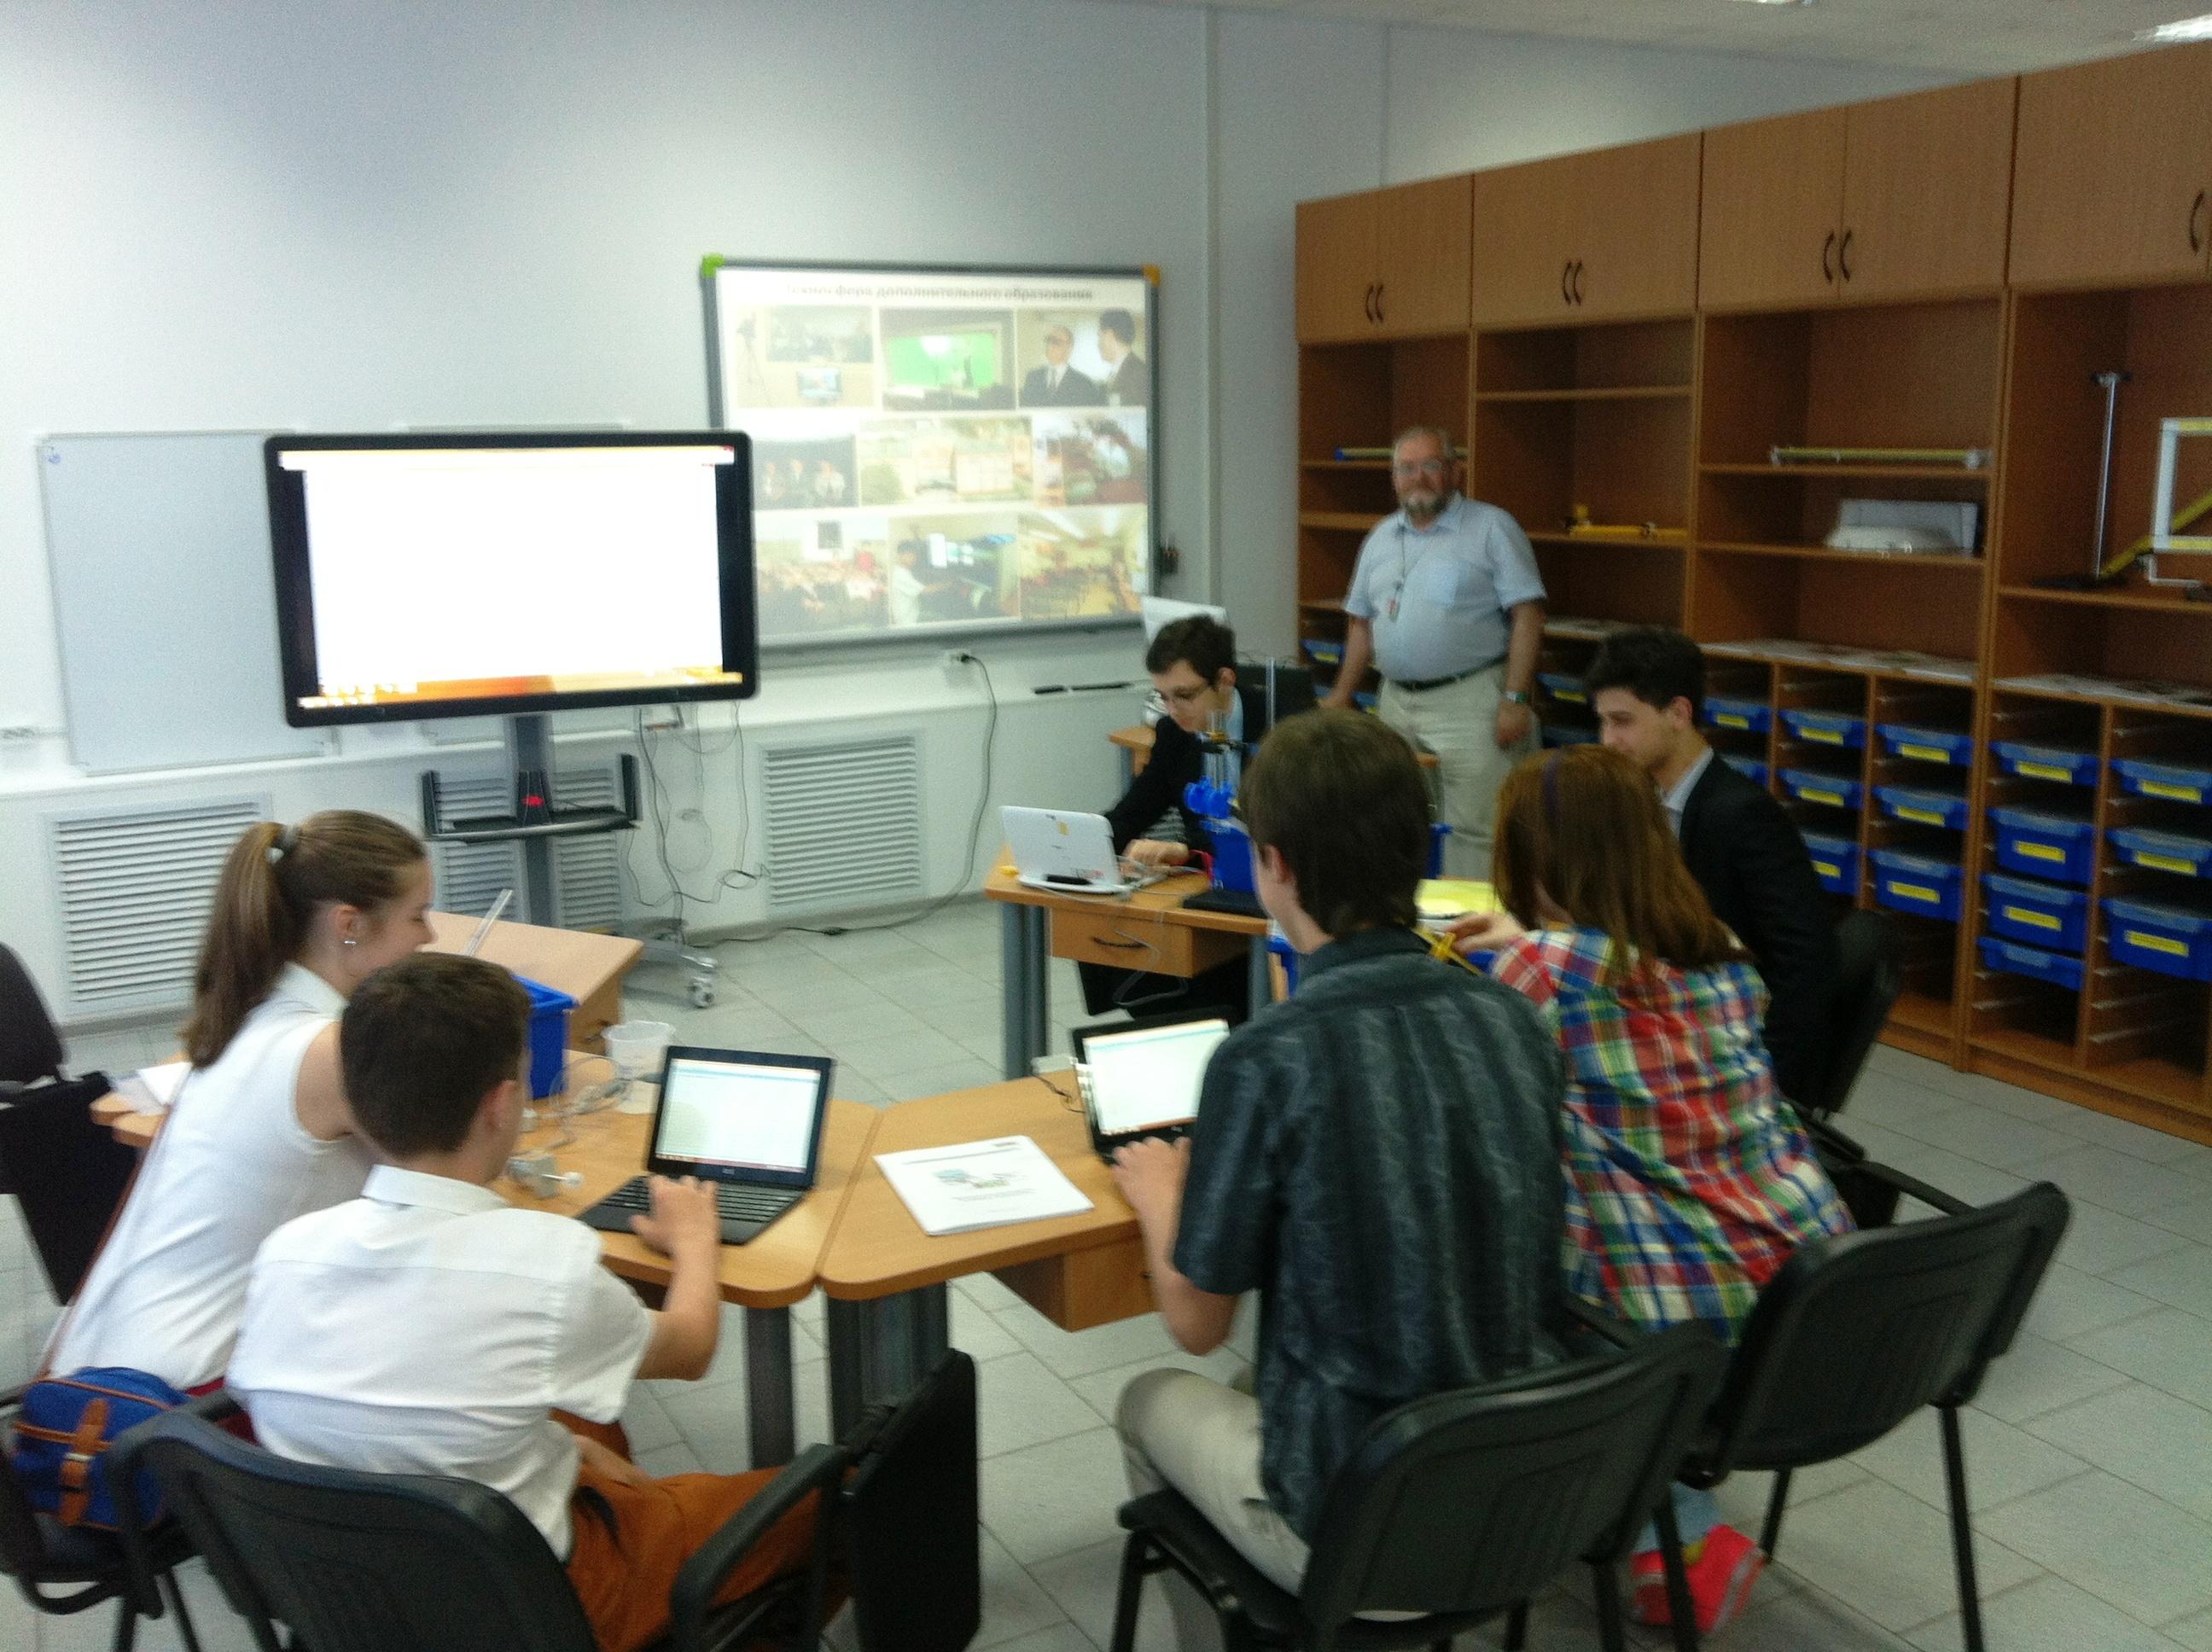 Царьков И.С. - мастер-класс в Навигаторе образовательных технологий